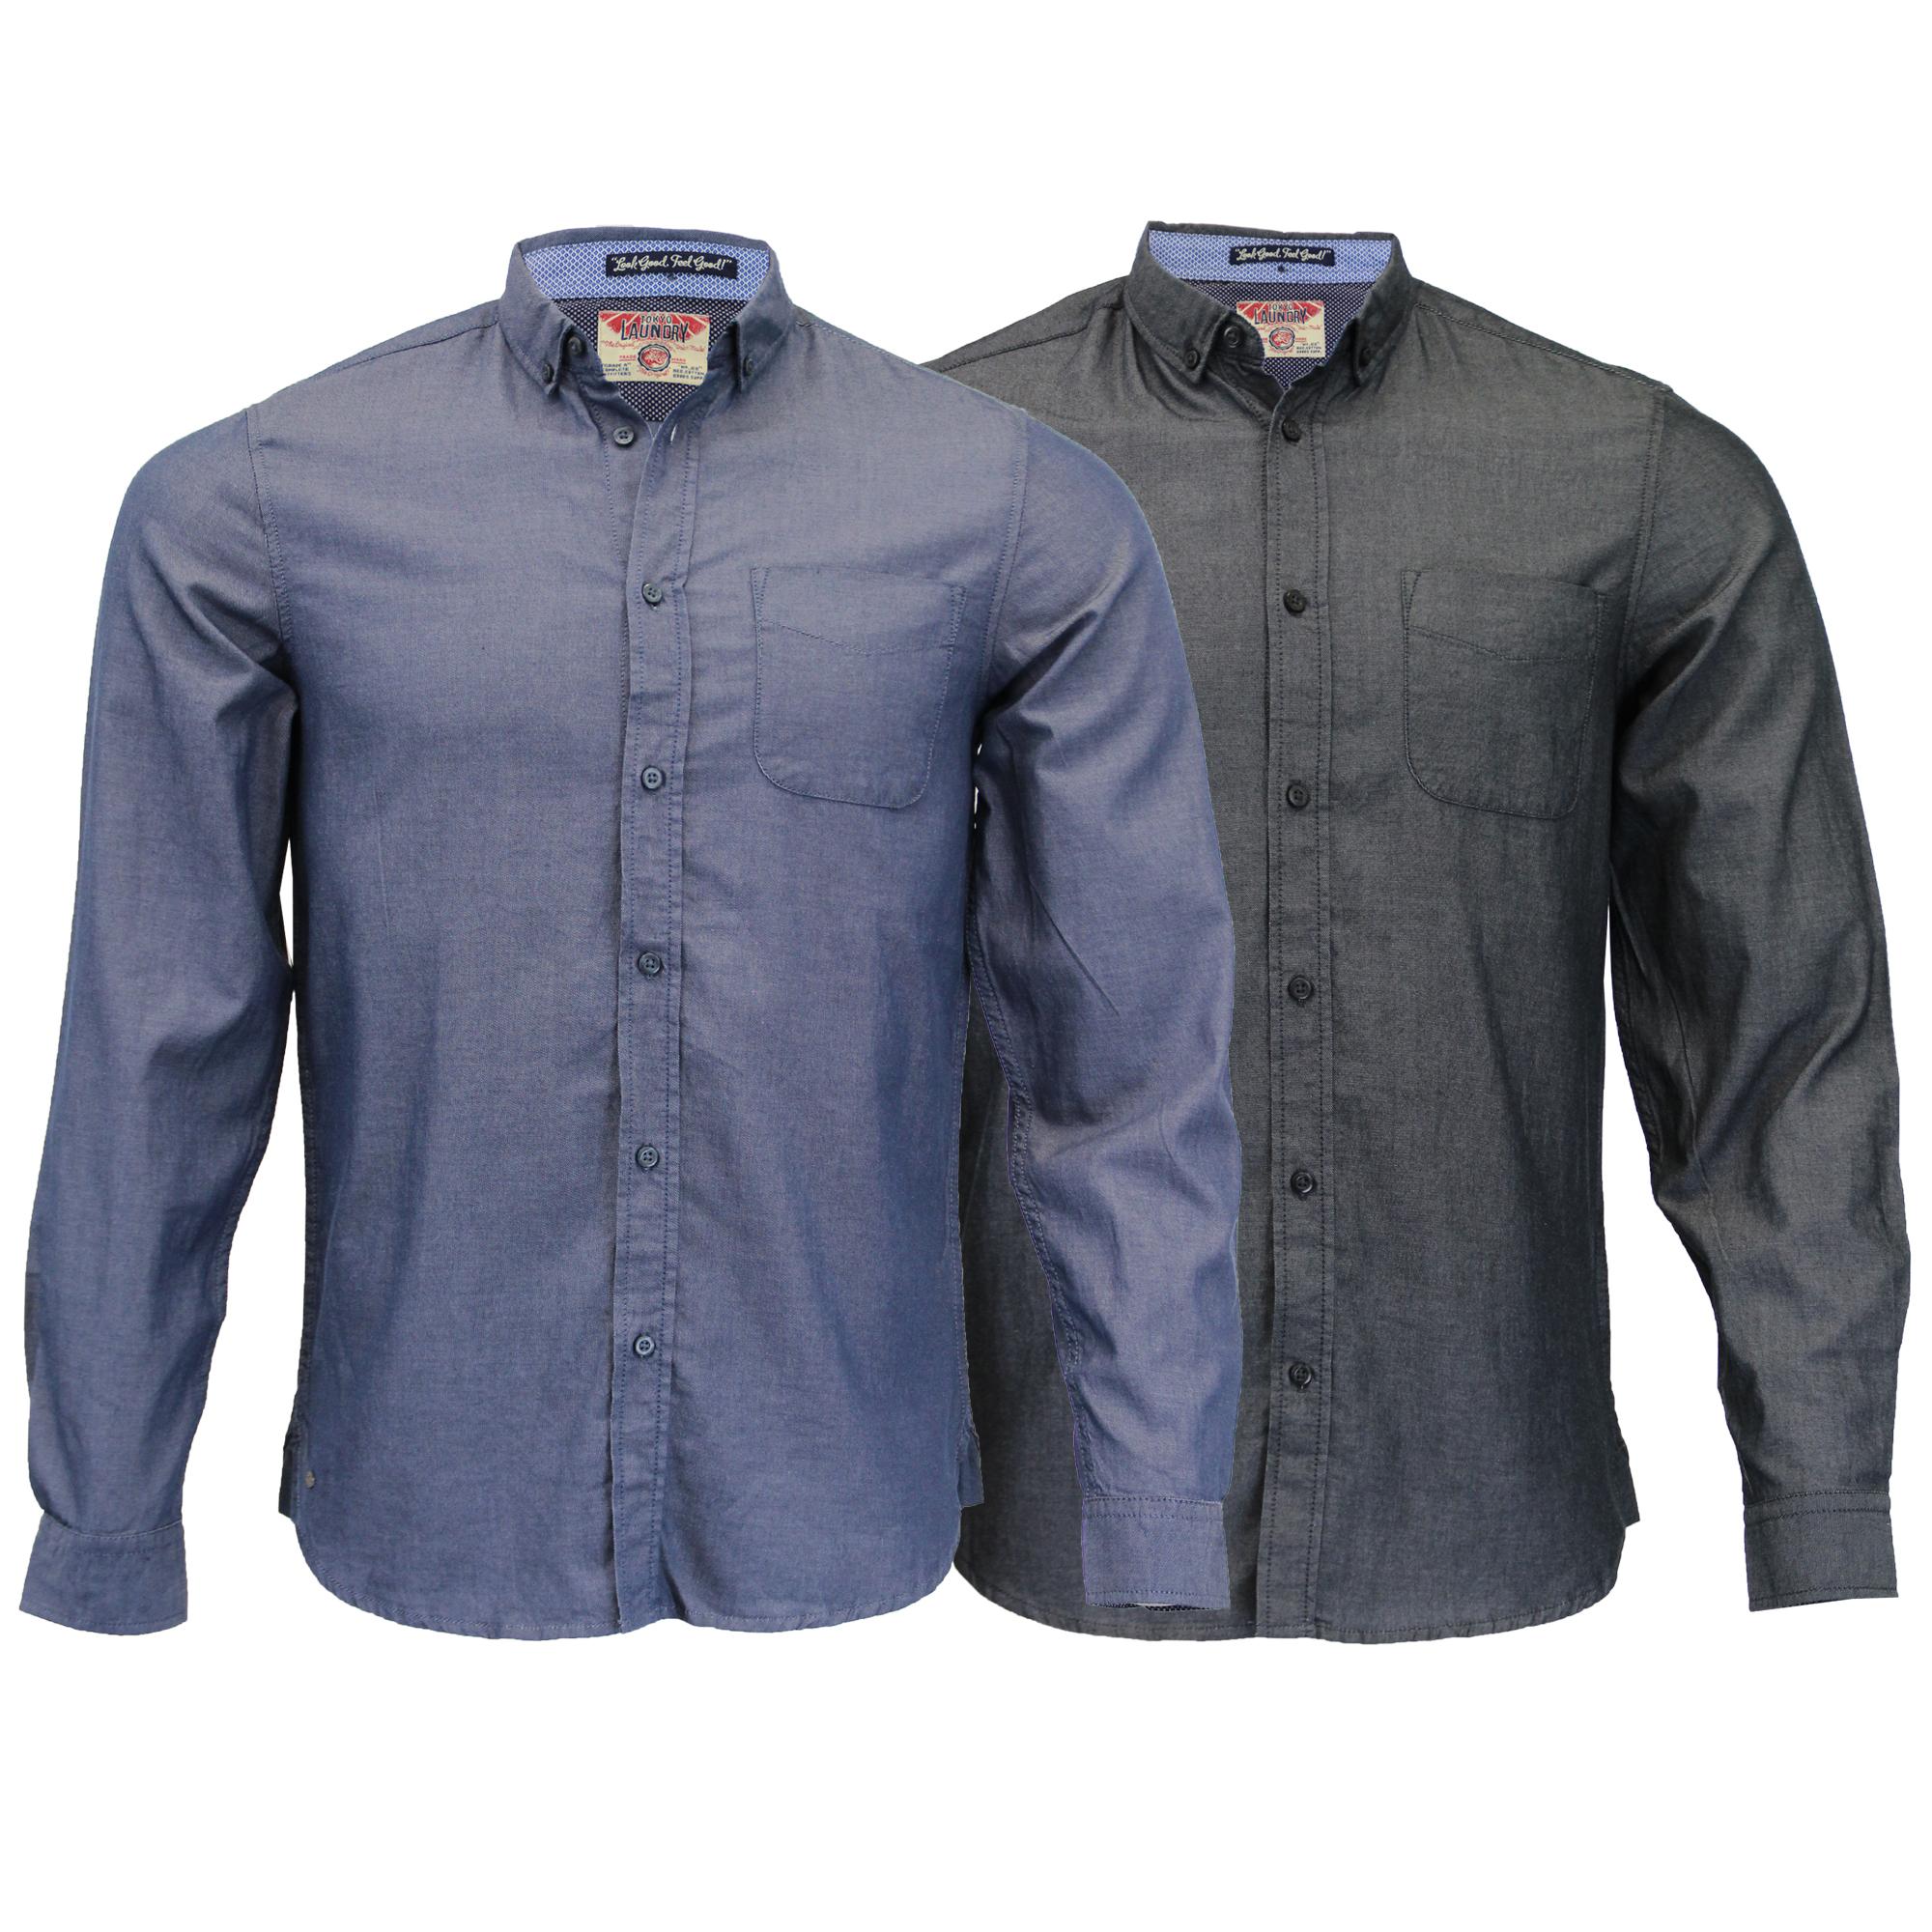 Herren-Baumwolle-Oxford-Twill-Shirt-Tokyo-Laundry-Top-Langarm-Freizeit-Designer Indexbild 5